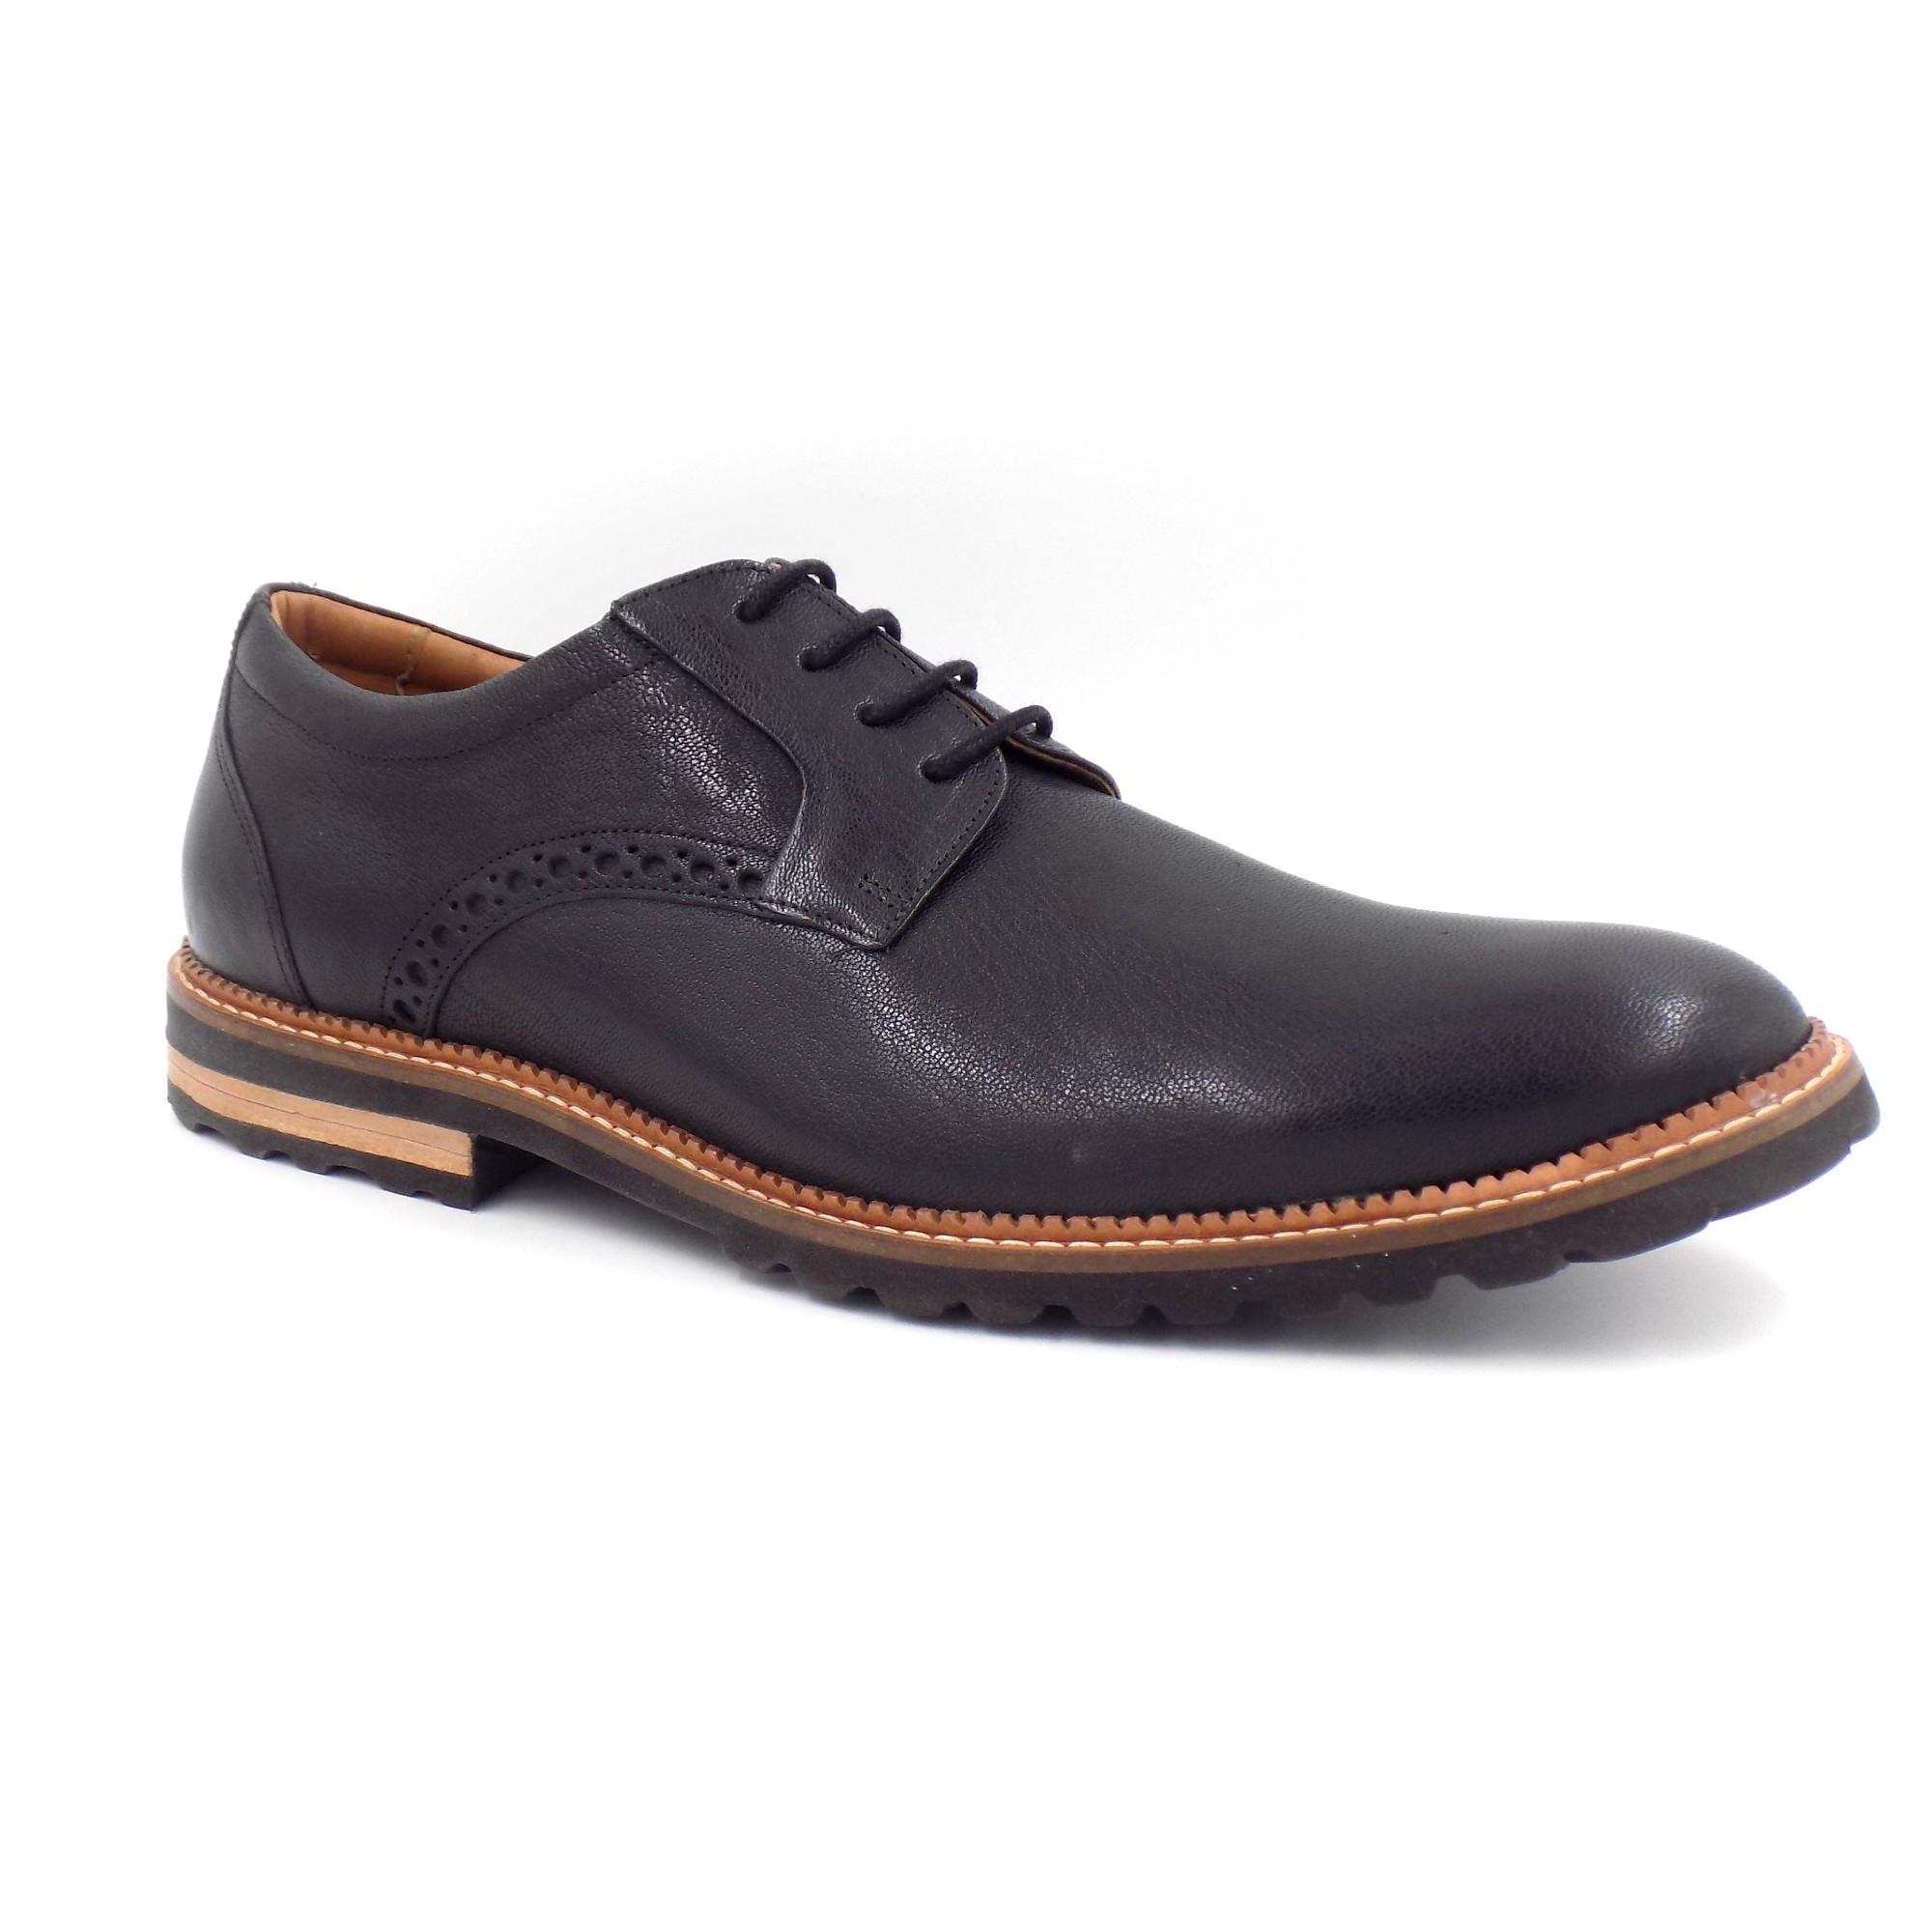 Sapato Casual Sola Tratorada